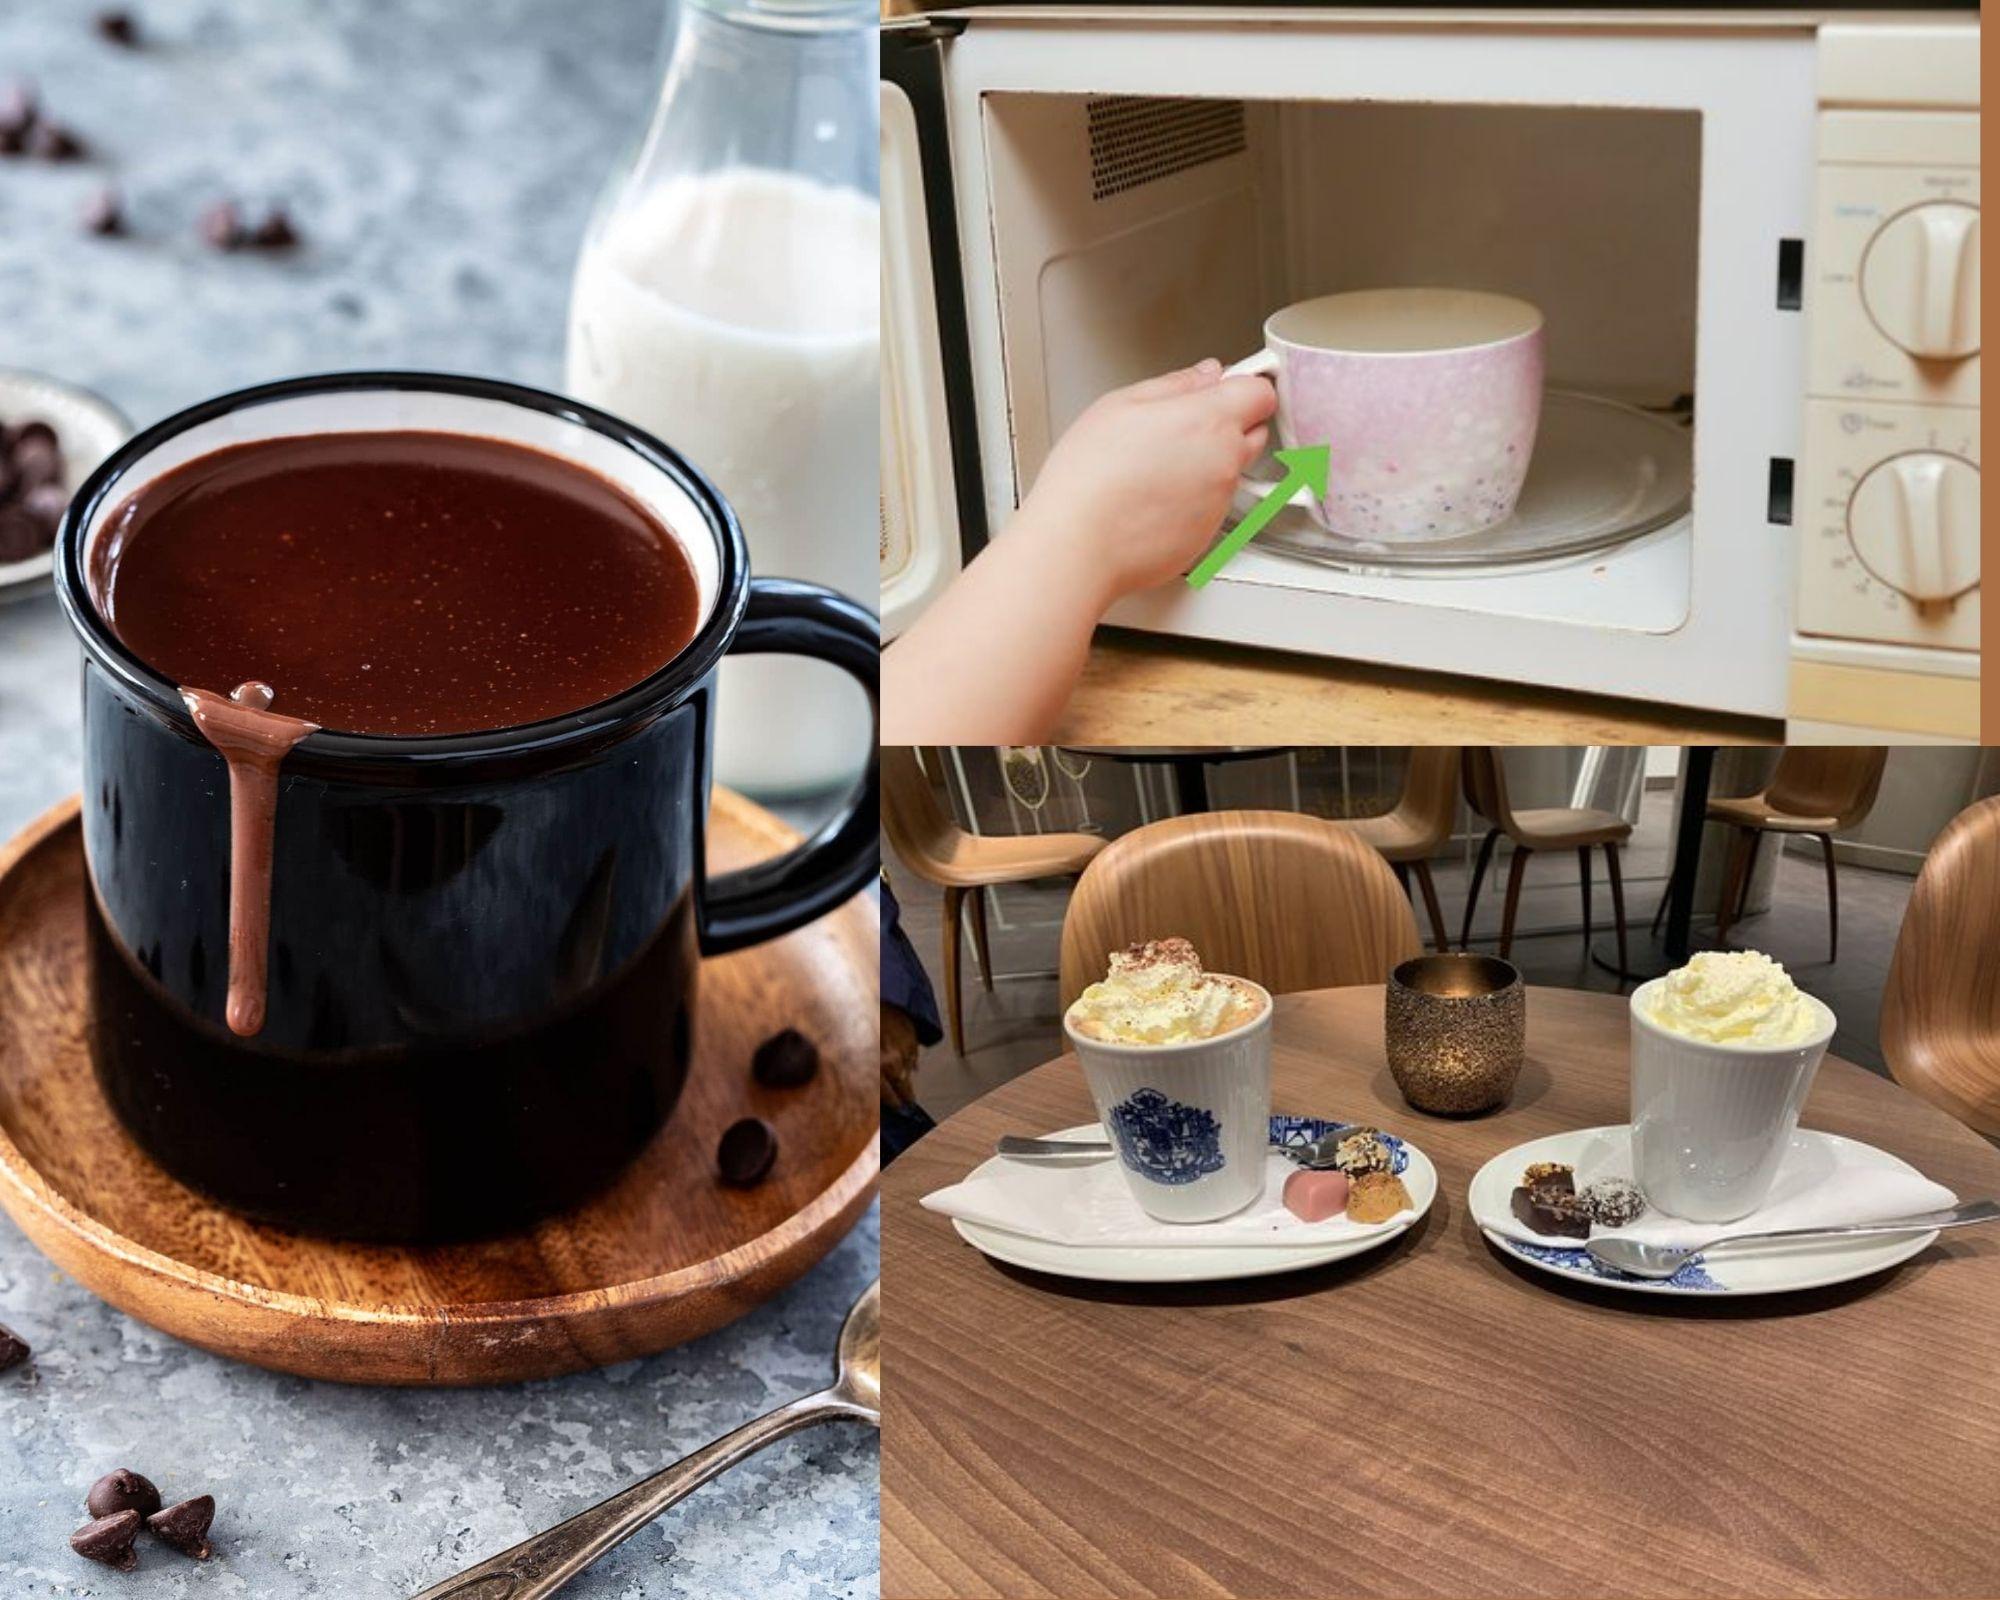 Фото Горячий шоколад и микроволновка.